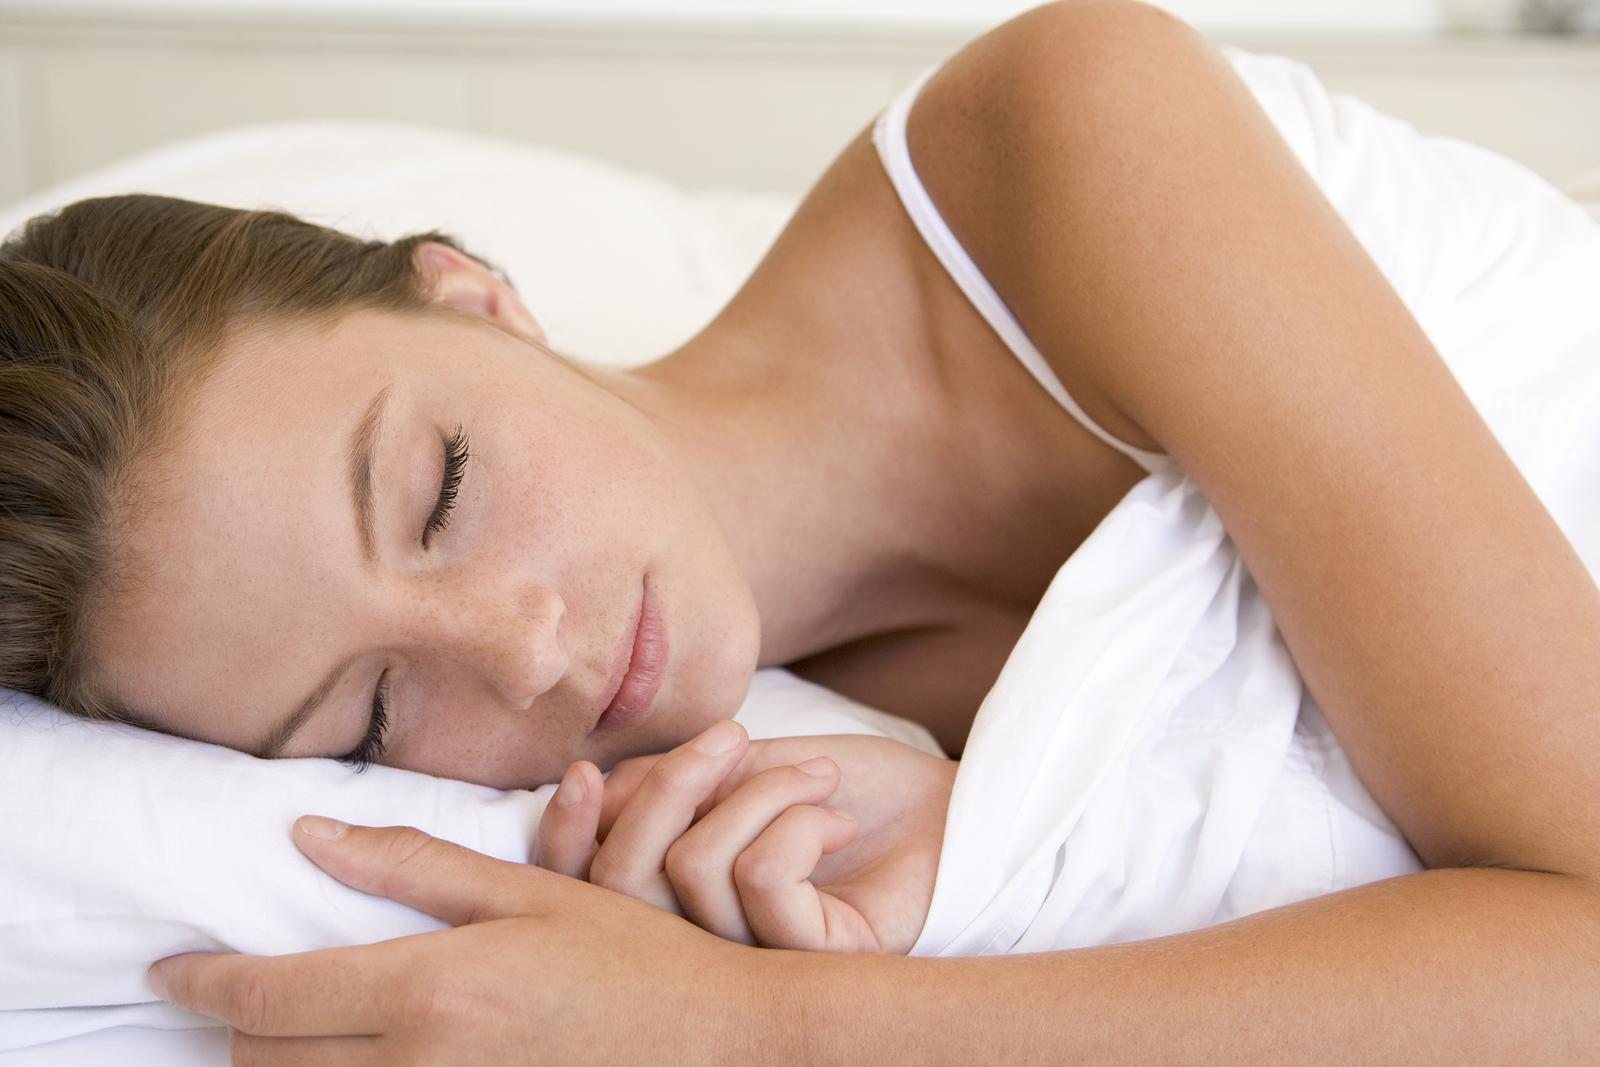 Σωστός ύπνος για απώλεια βάρους! thumbnail